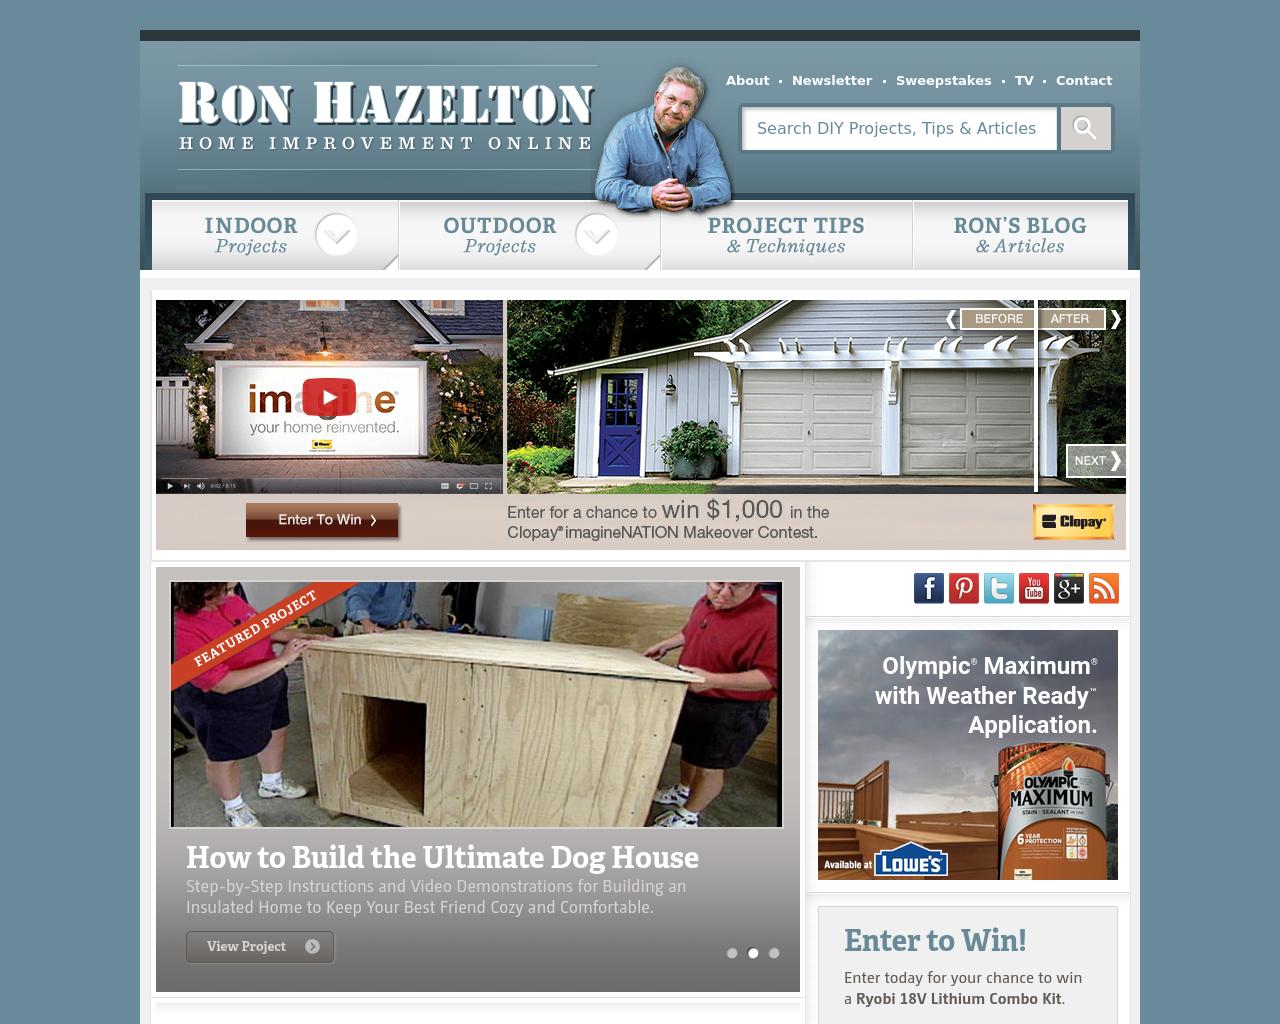 Ron-Hazelton-Online-Advertising-Reviews-Pricing